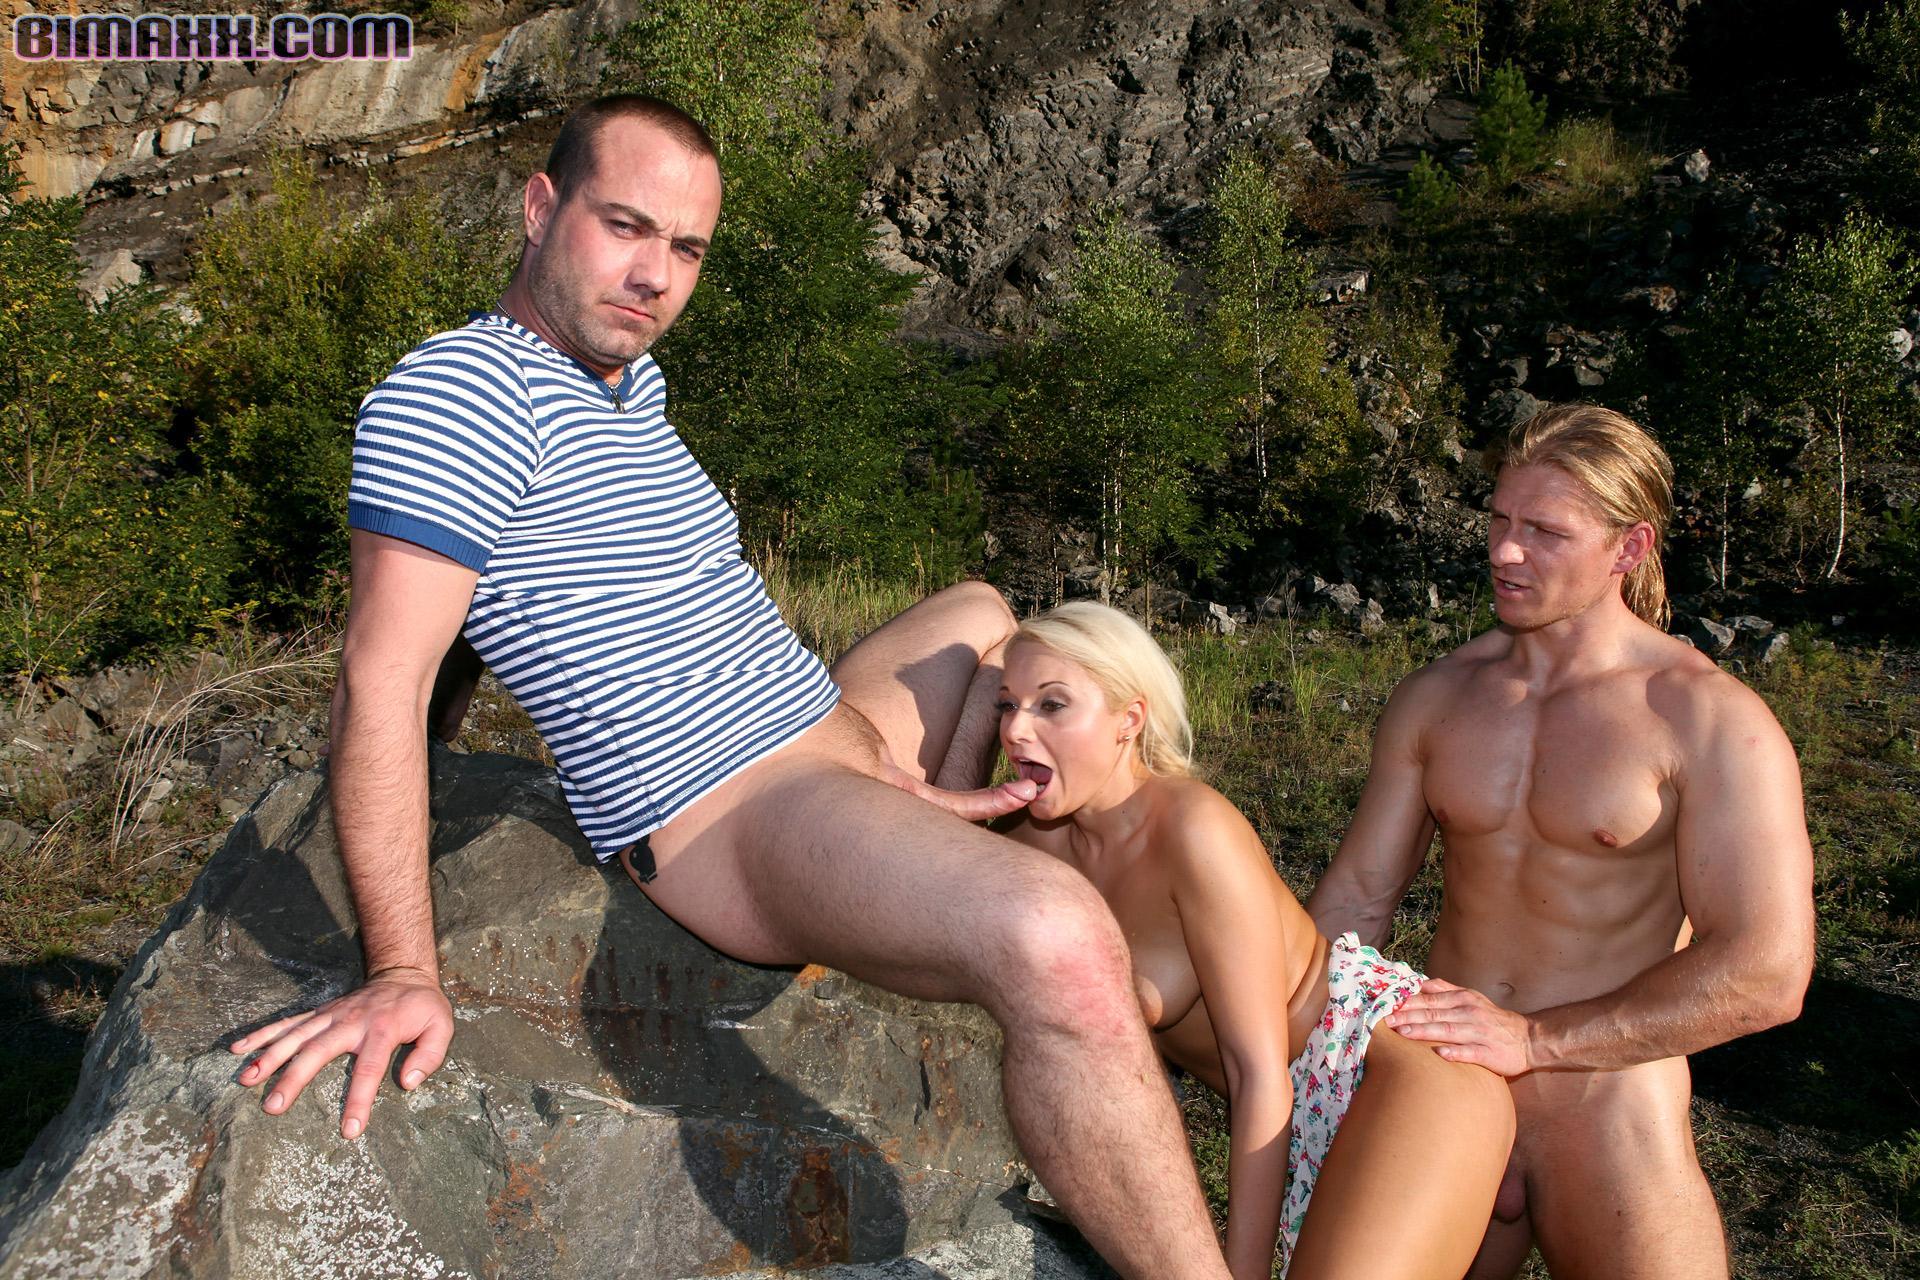 russkie-biseksuali-na-prirode